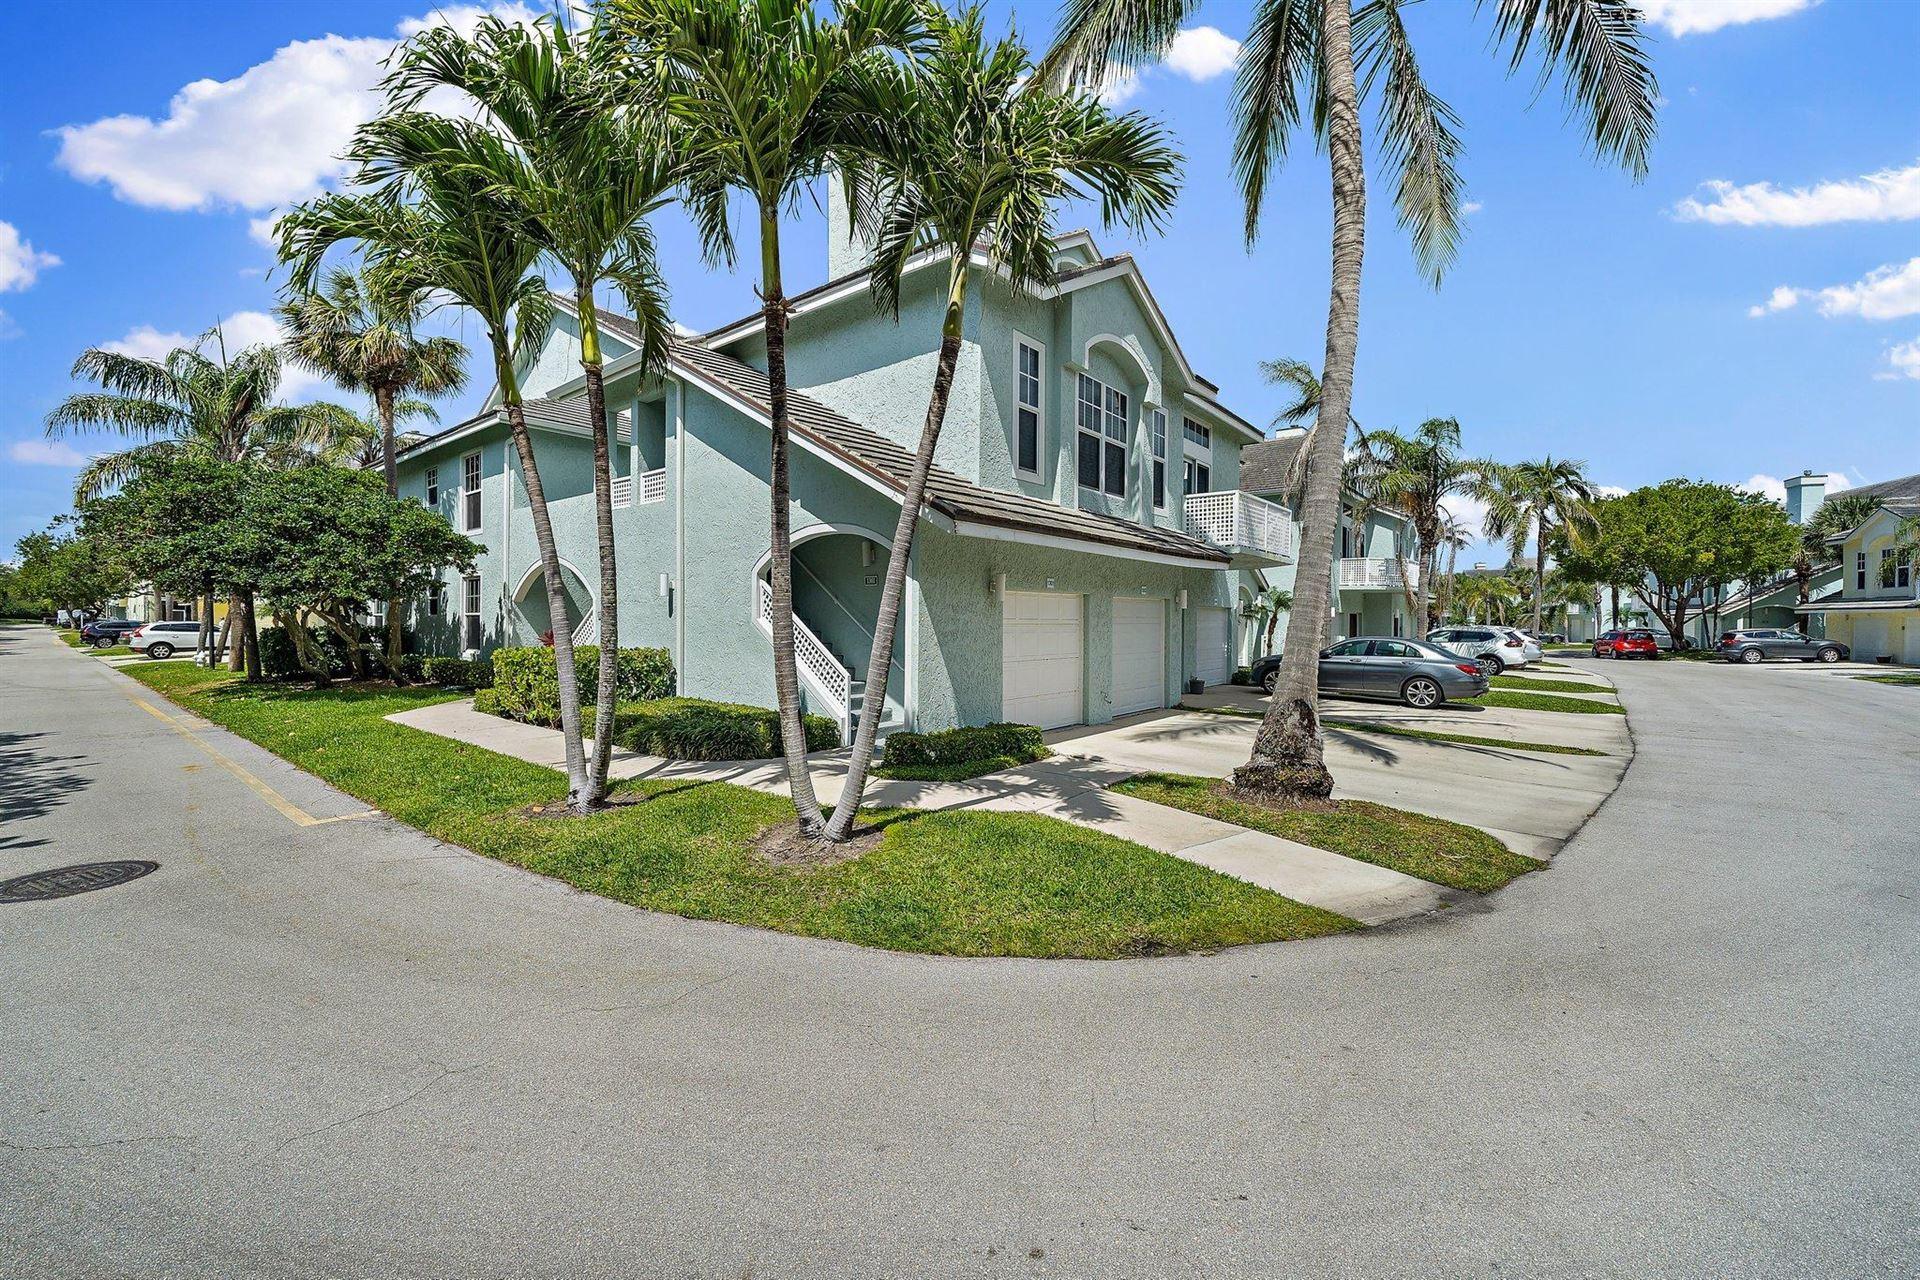 Photo of 1303 Mainsail Circle #1303, Jupiter, FL 33477 (MLS # RX-10699777)